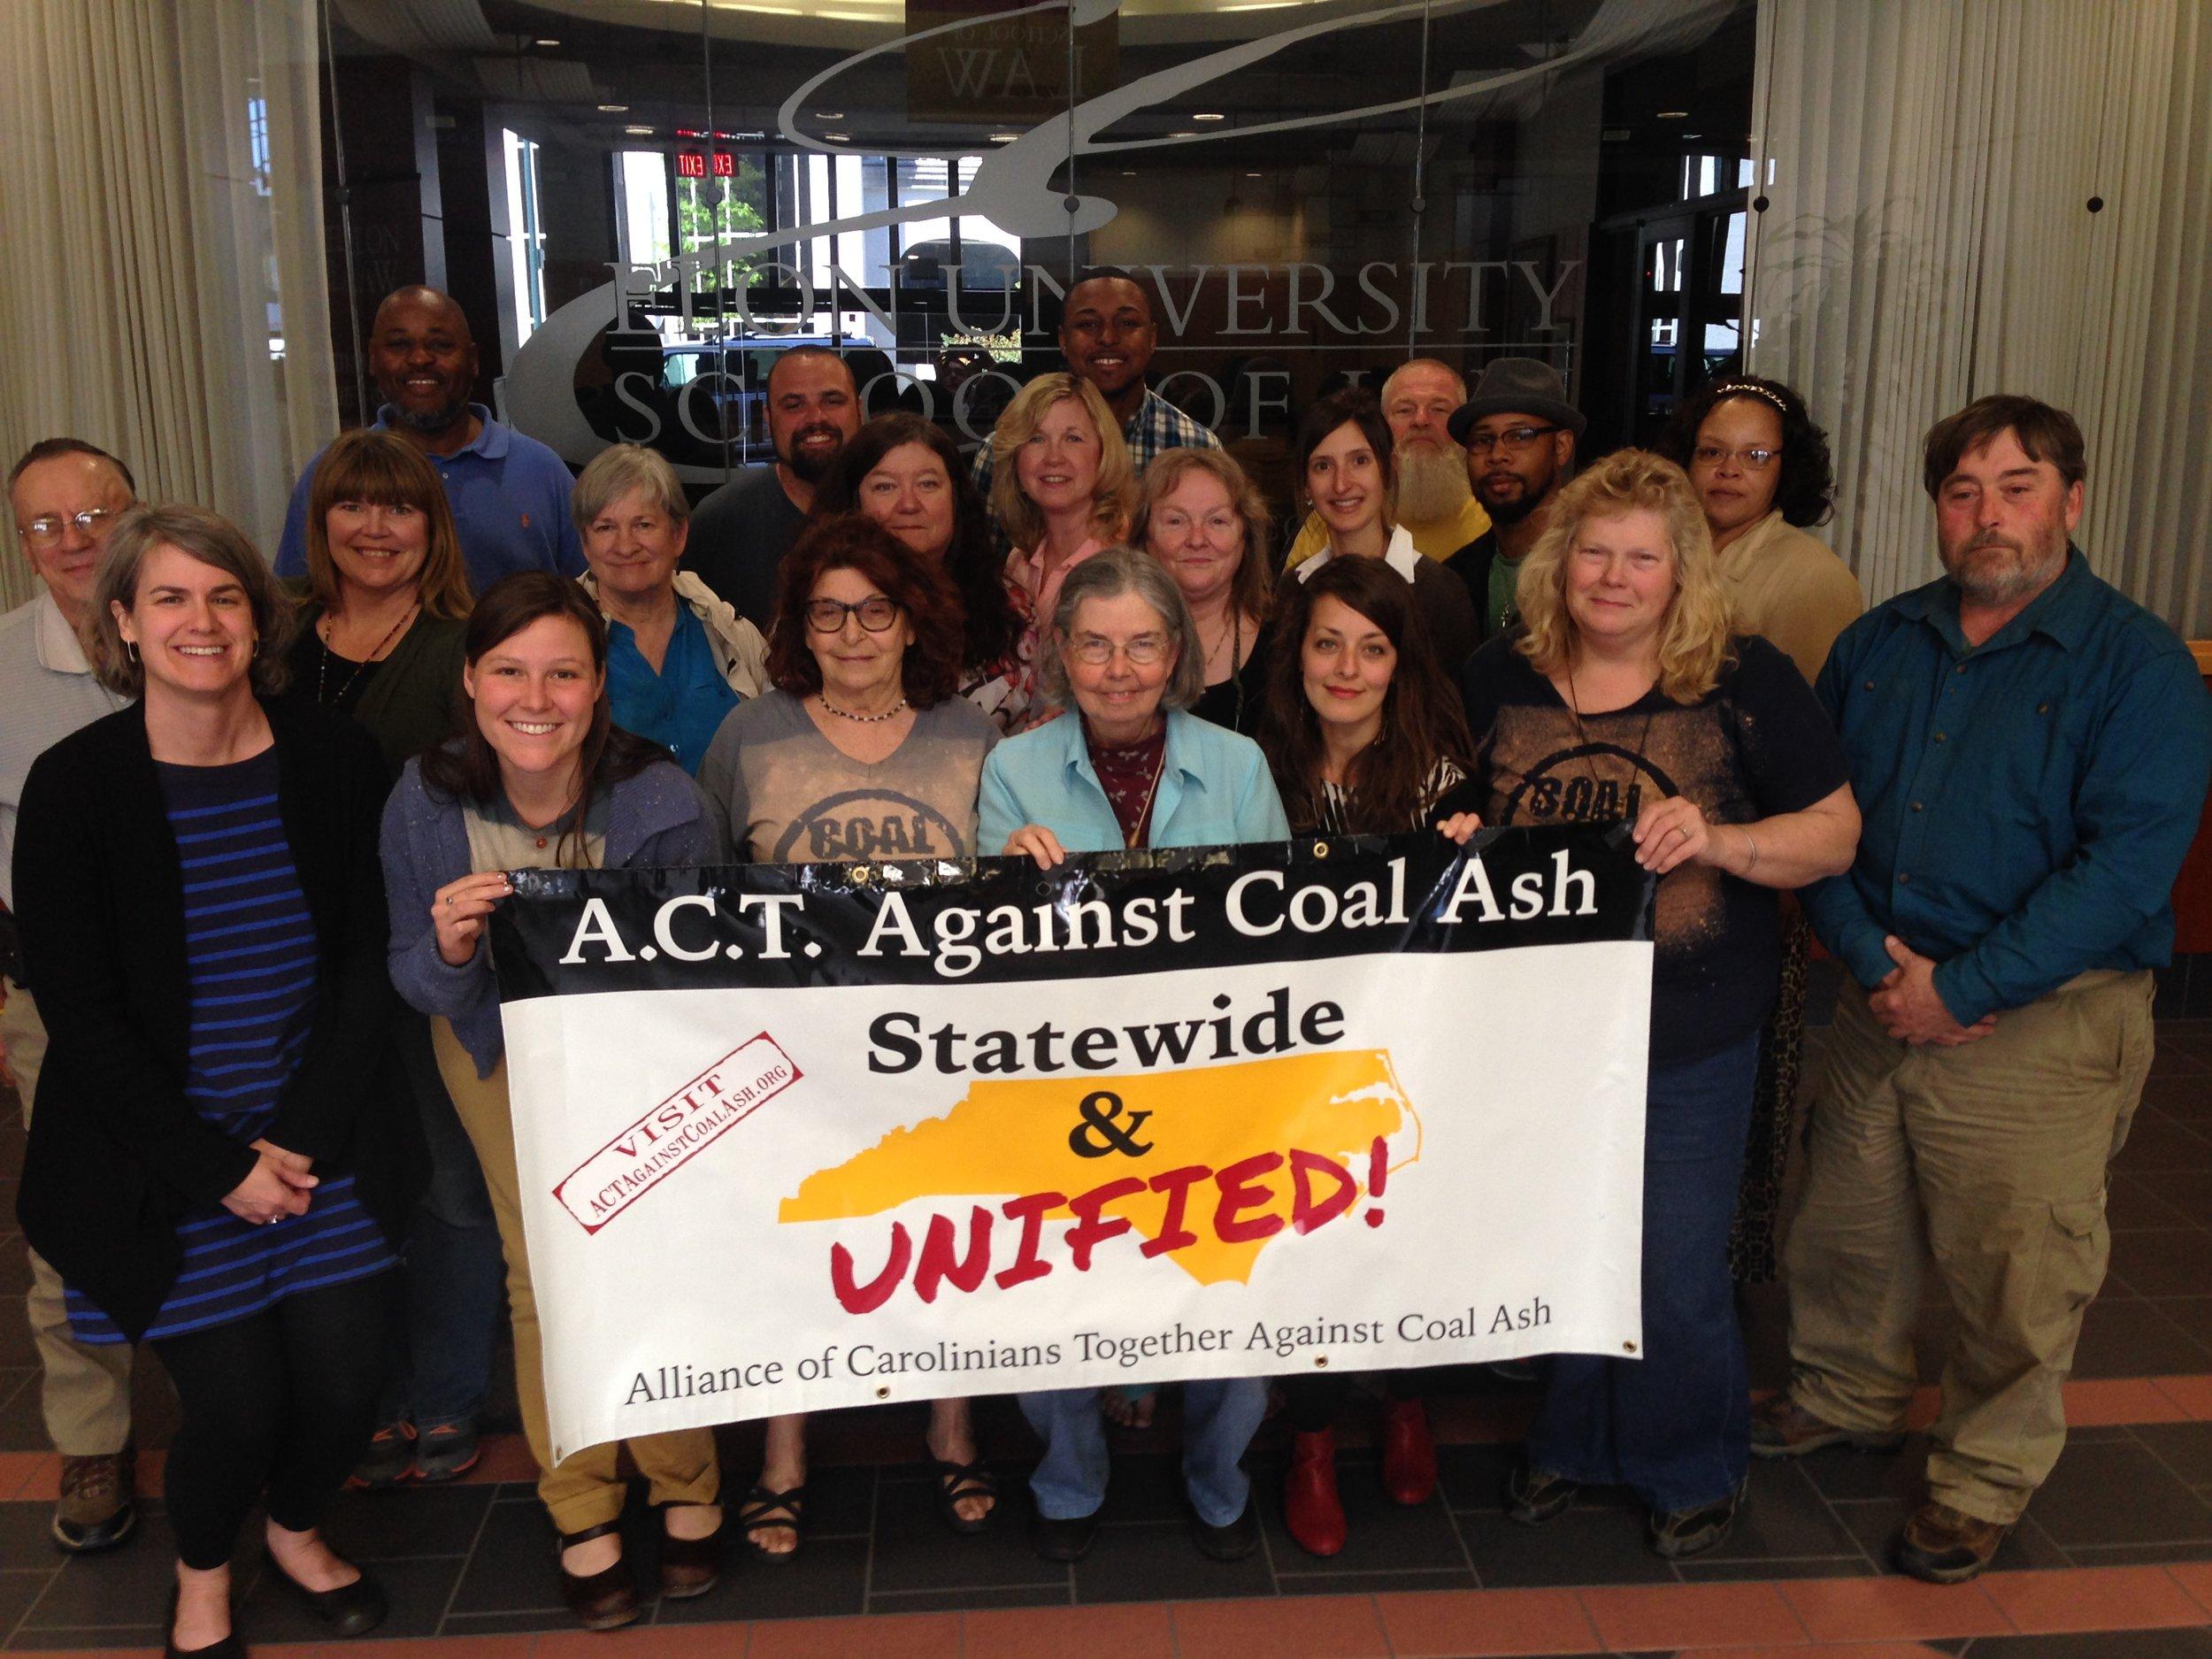 ACT-against-coal-ash-April-meeting-2016.jpg